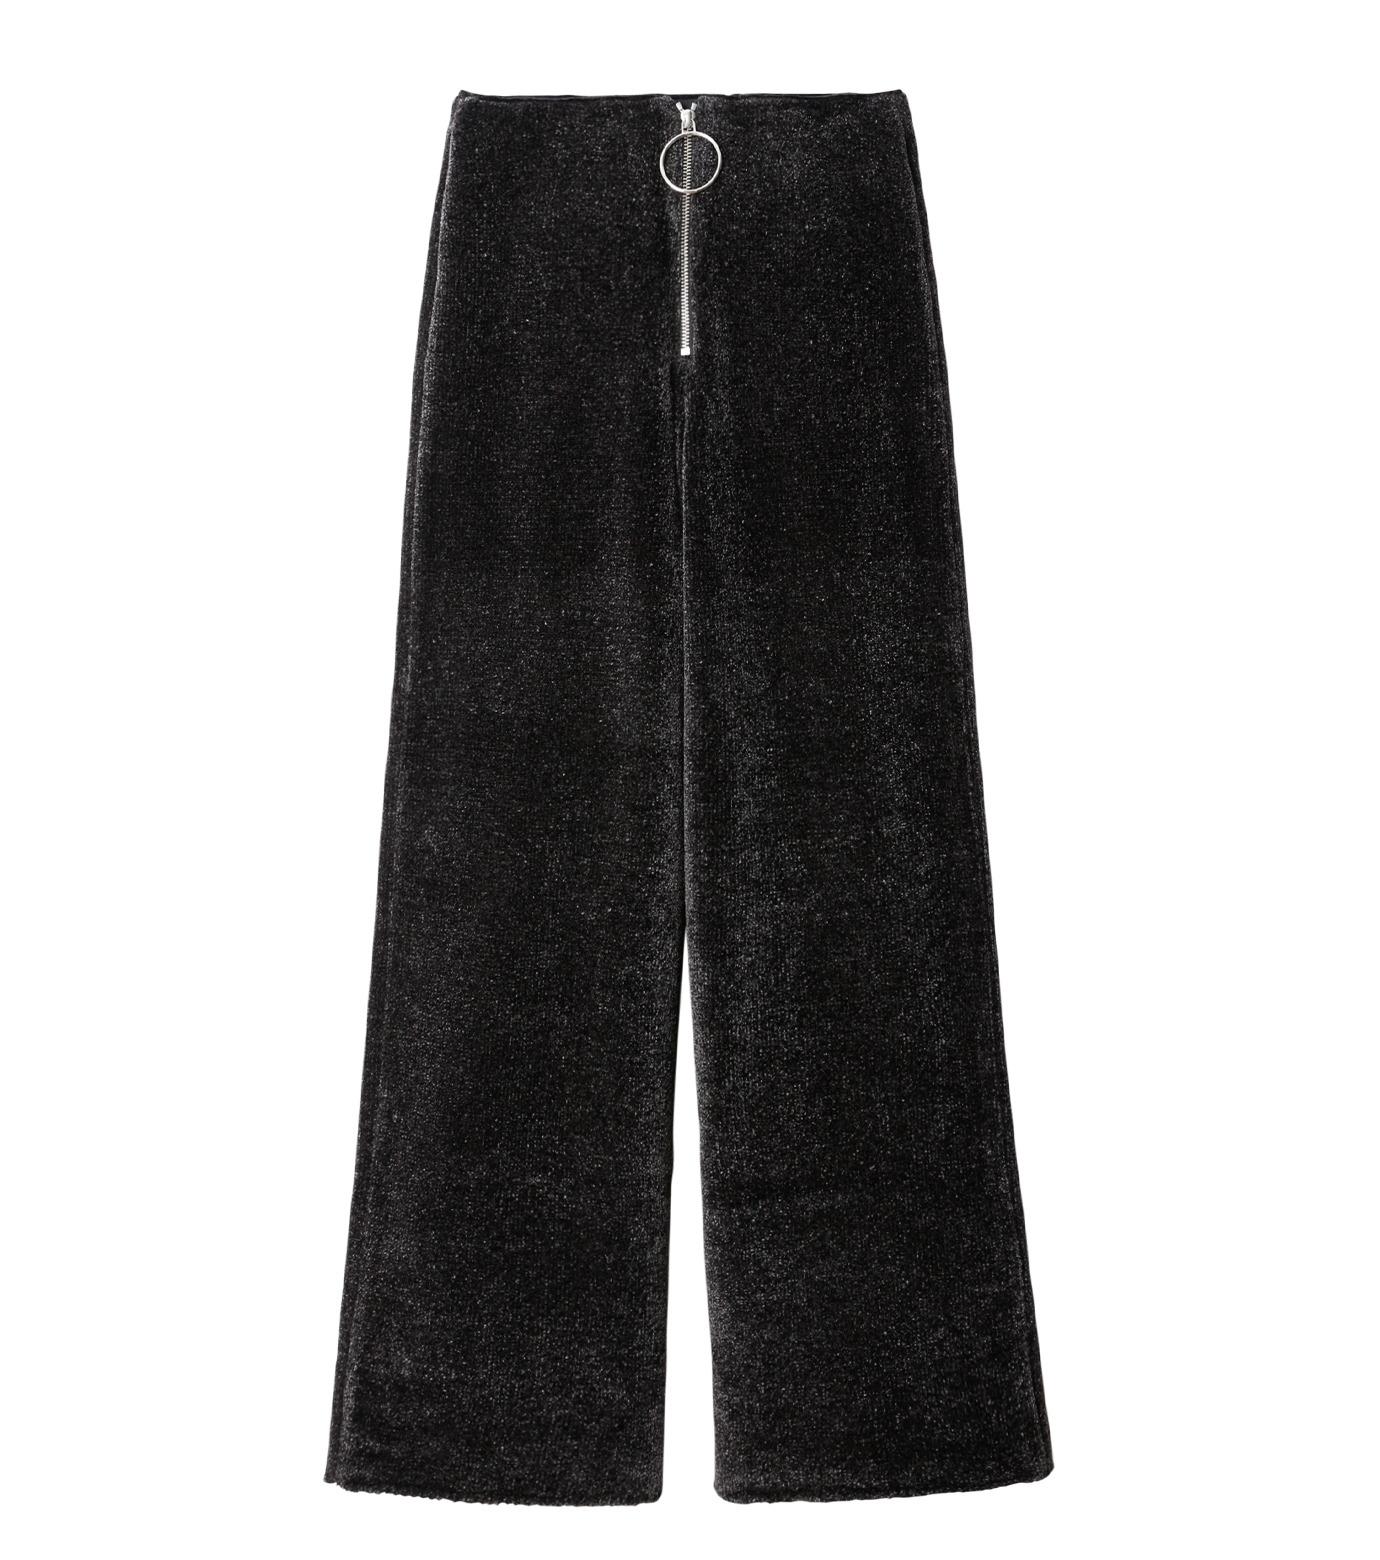 IRENE(アイレネ)のシルクワイドパンツ-CHARCHOL GRAY(パンツ/pants)-18A88004 拡大詳細画像6